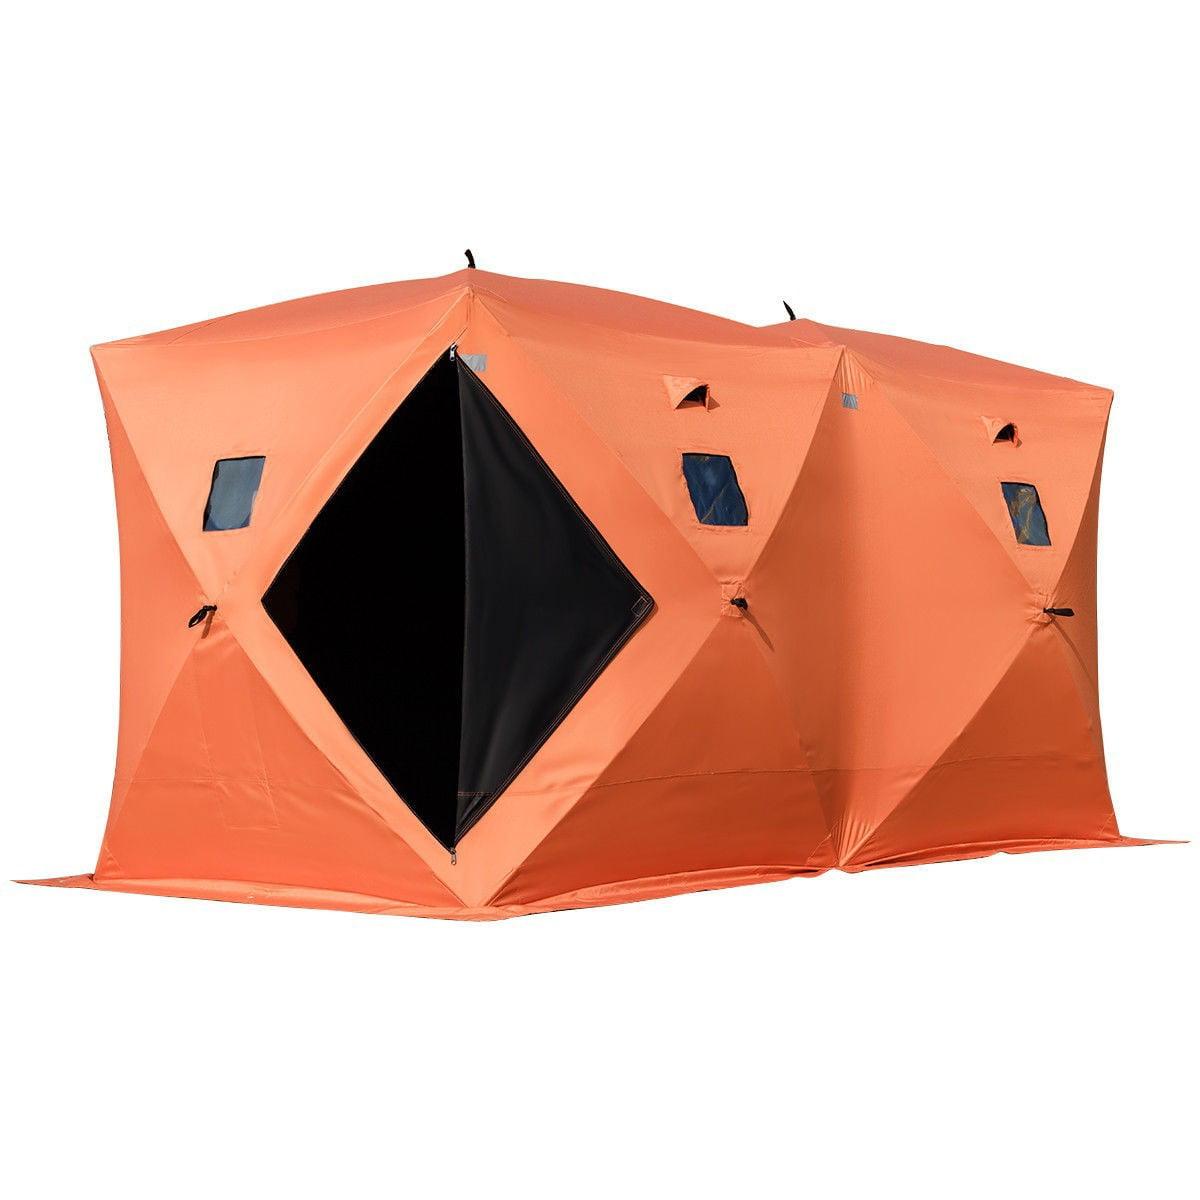 Waterproof Pop-up 8-person Ice Shelter Fishing Tent Outdoor - Walmart.com  sc 1 st  Walmart & Waterproof Pop-up 8-person Ice Shelter Fishing Tent Outdoor ...